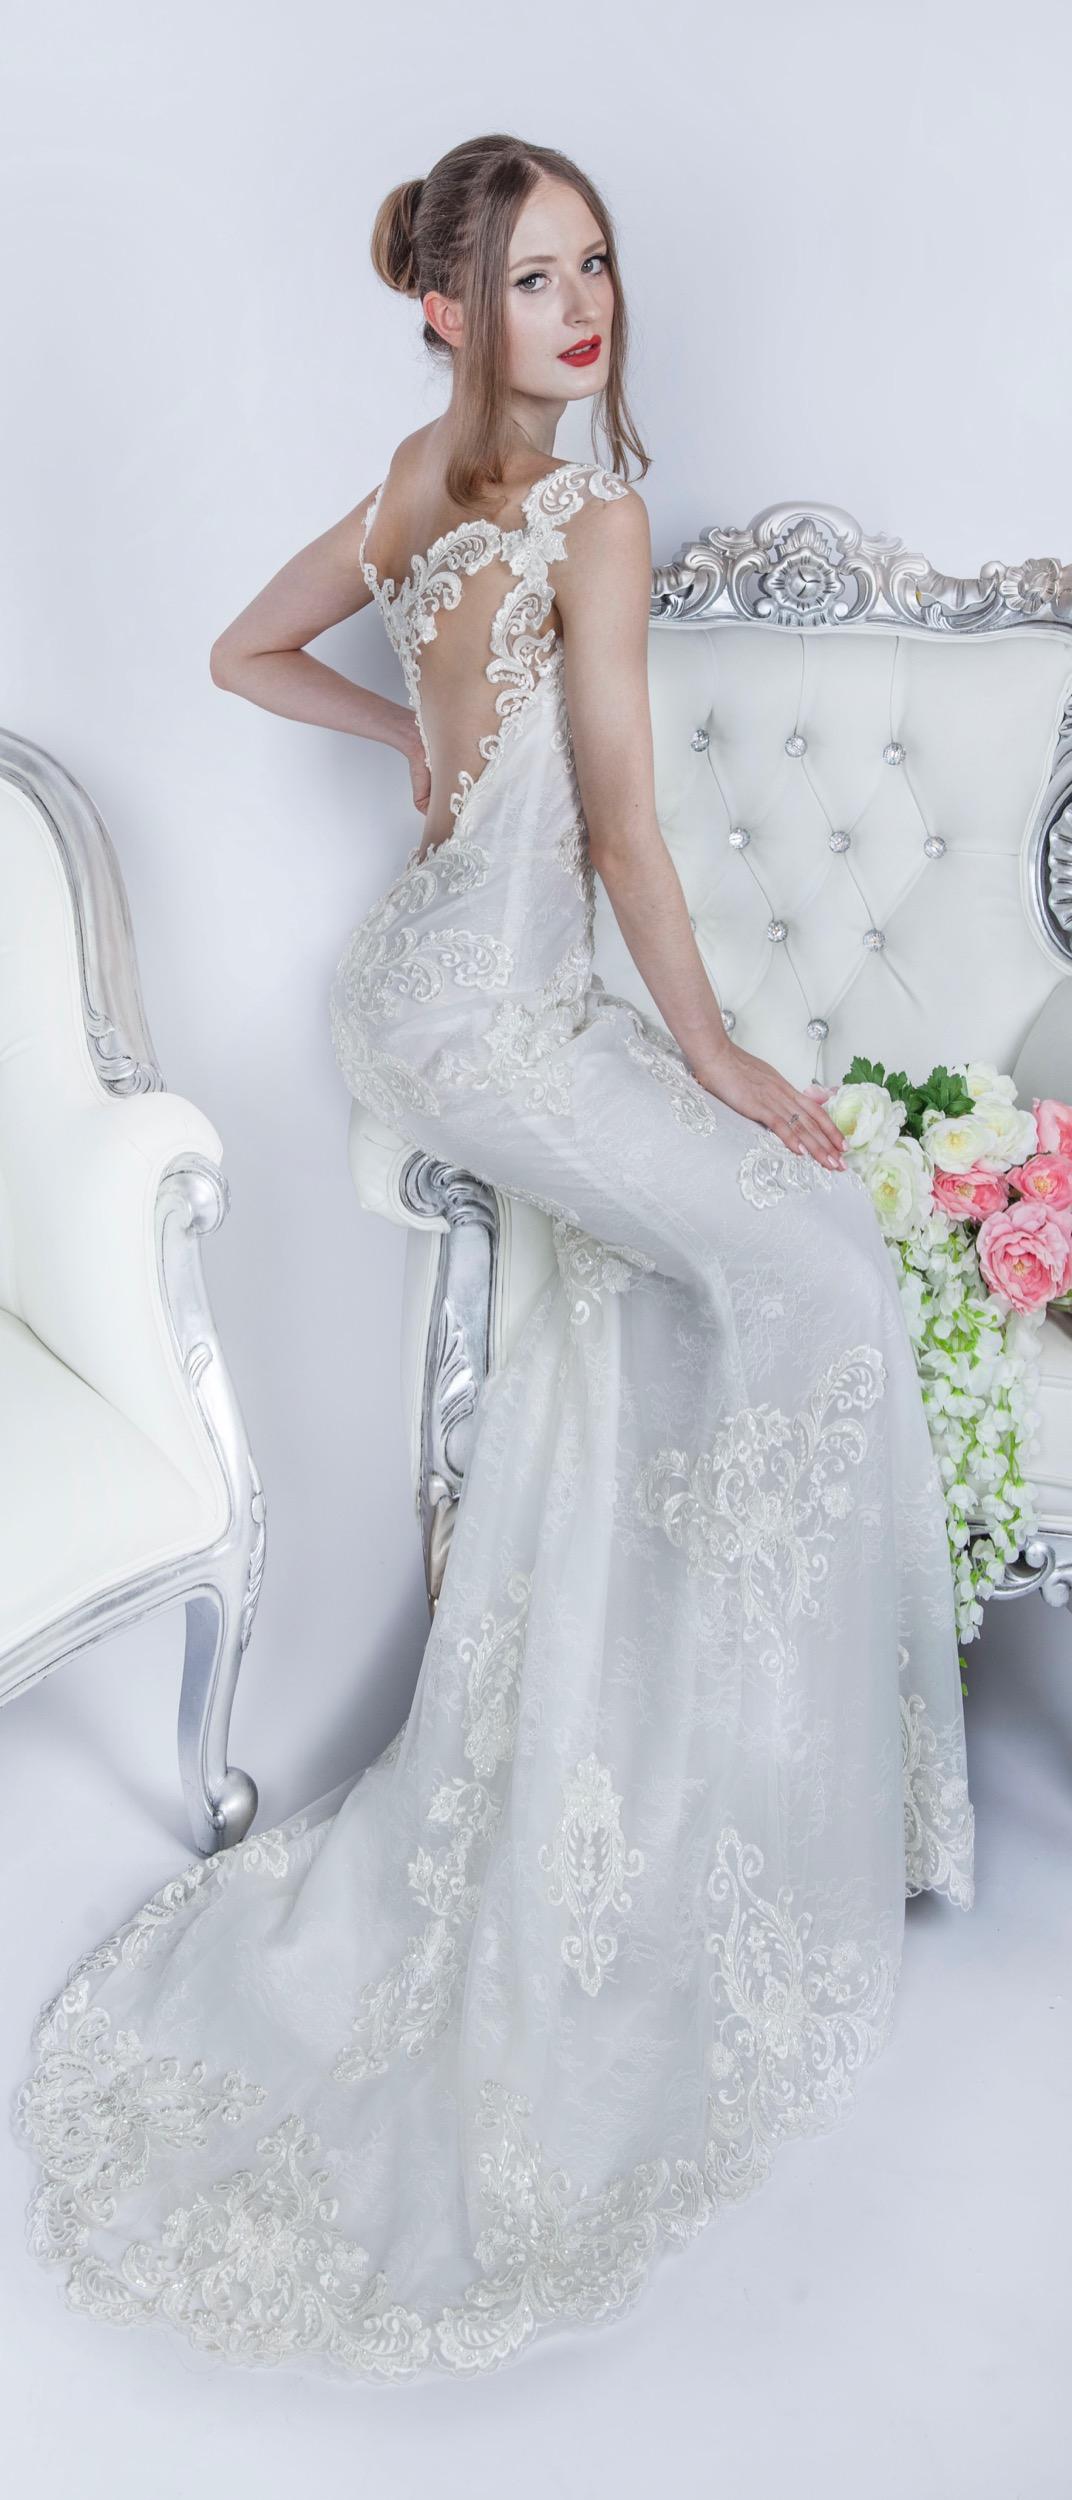 Très jolie robe de mariée en dentelle à Paris